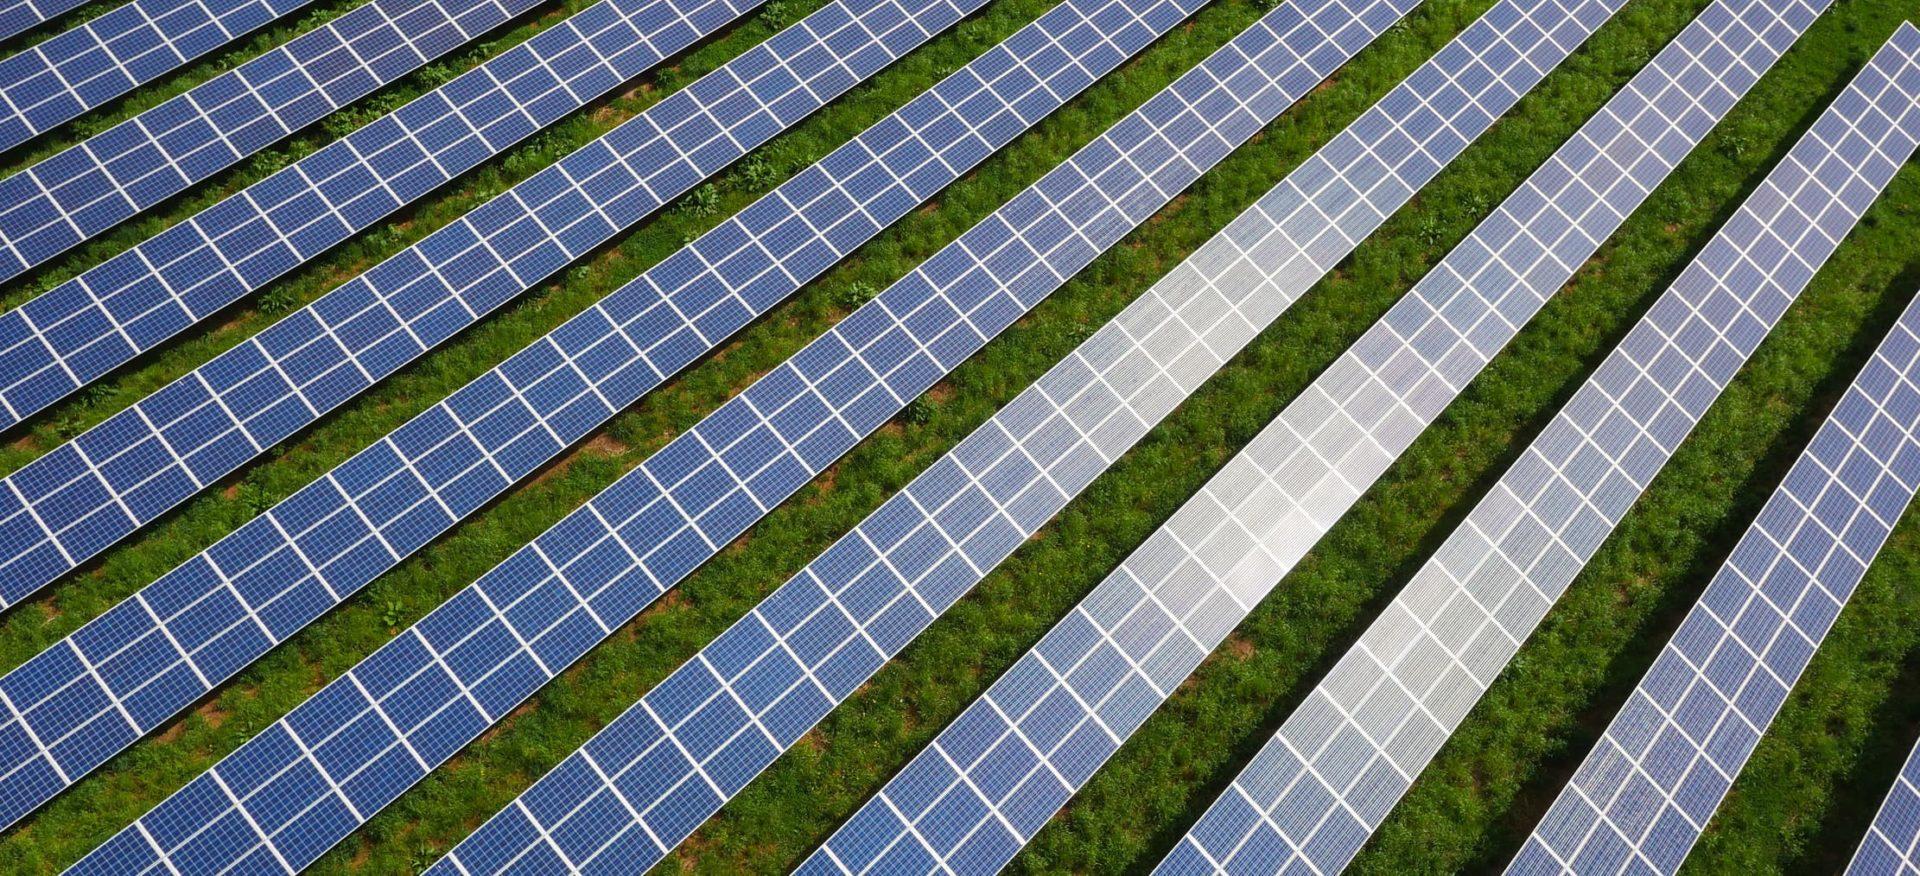 coleford_milkwall_goldbeck-solar_3